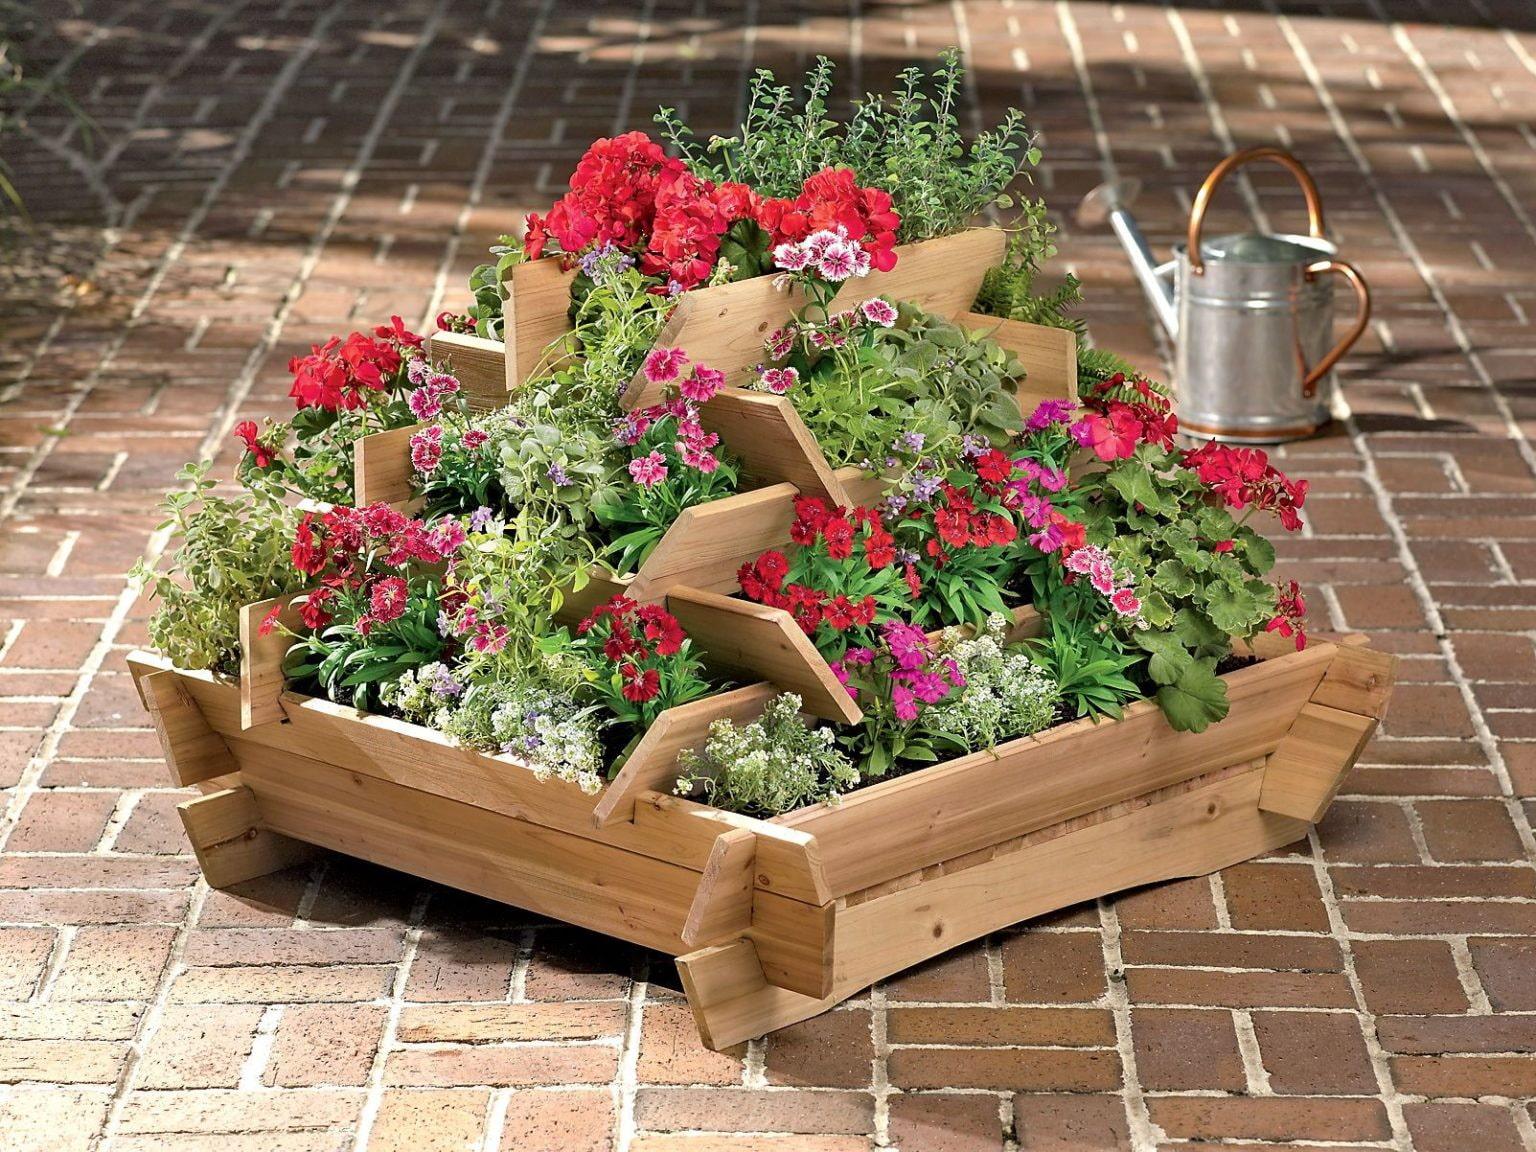 Comment aménager un parterre de fleurs à plusieurs niveaux dans un chalet d'été?